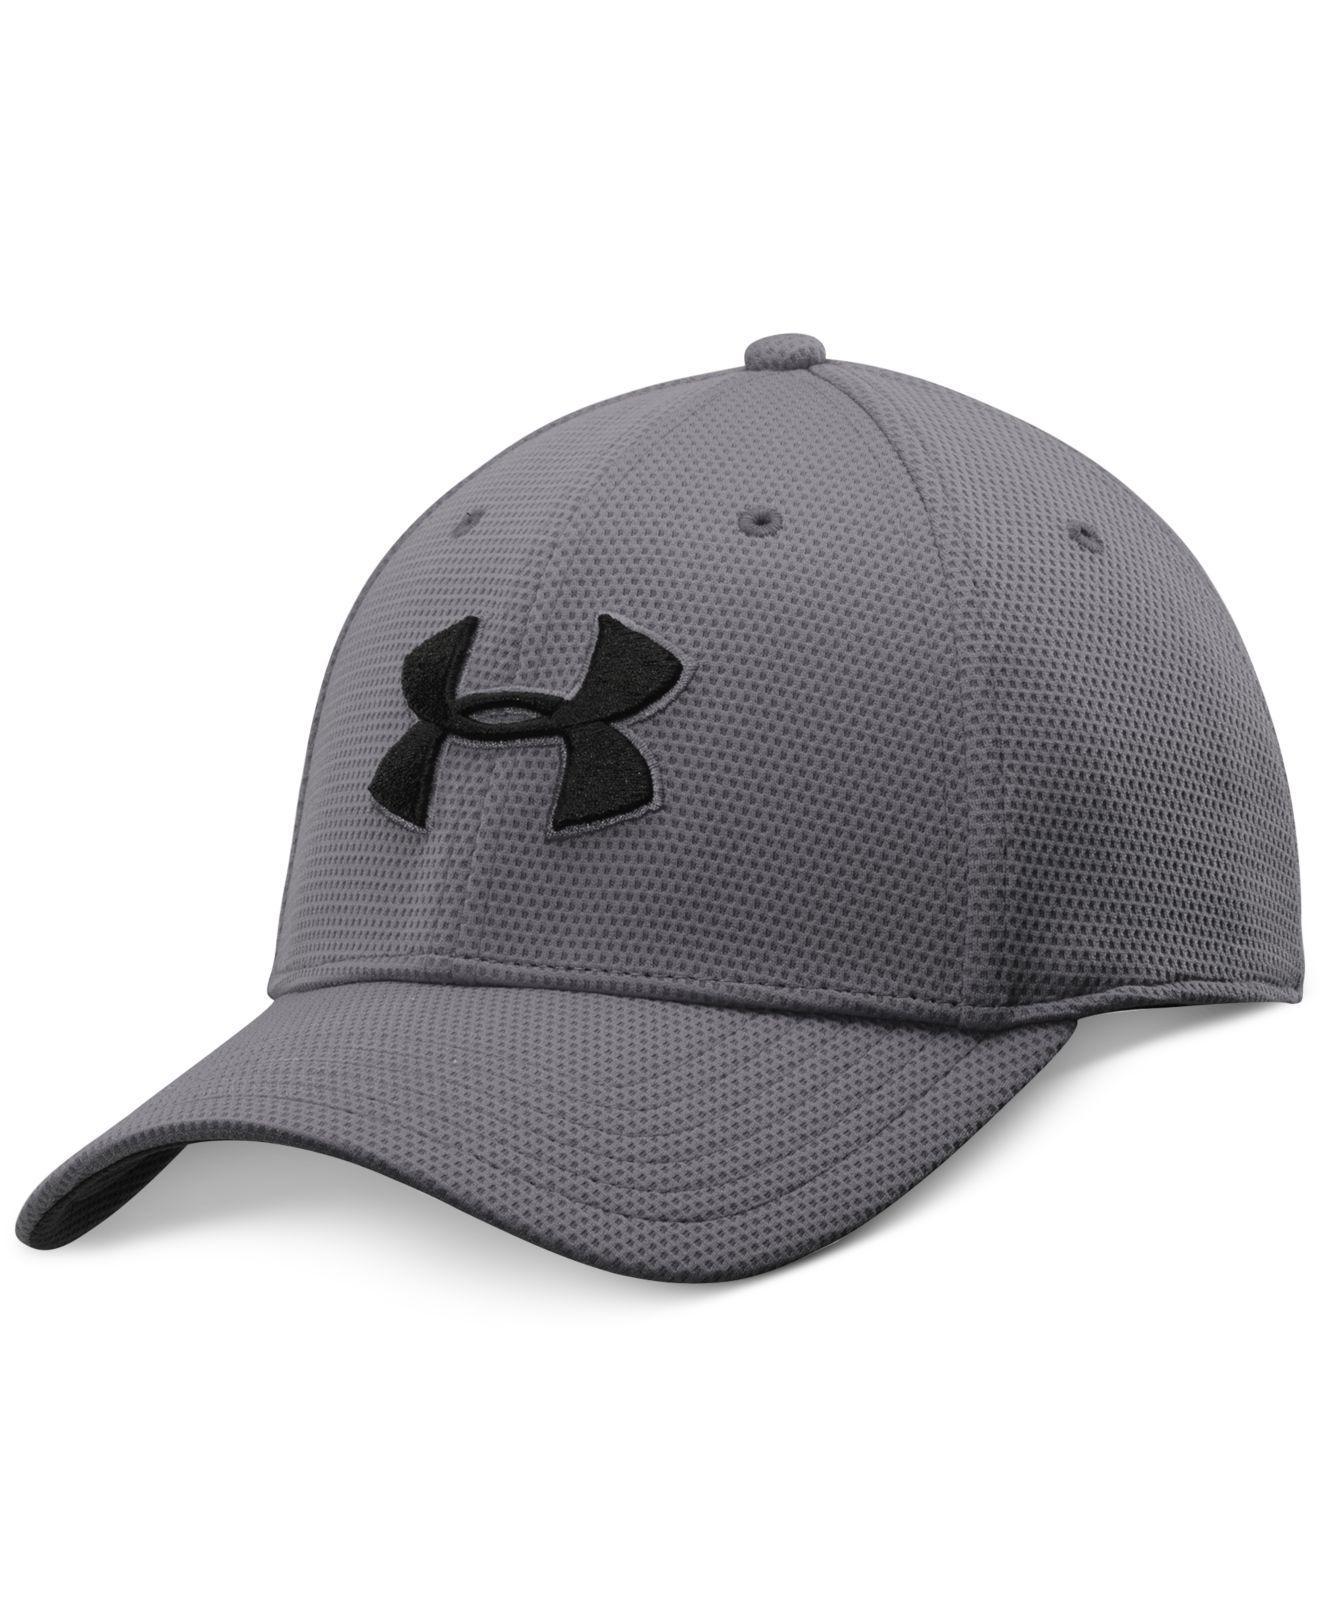 3e787eef085 Lyst - Under Armour Men s Blitzing Ii Stretch-fit Heatgear® Hat in ...